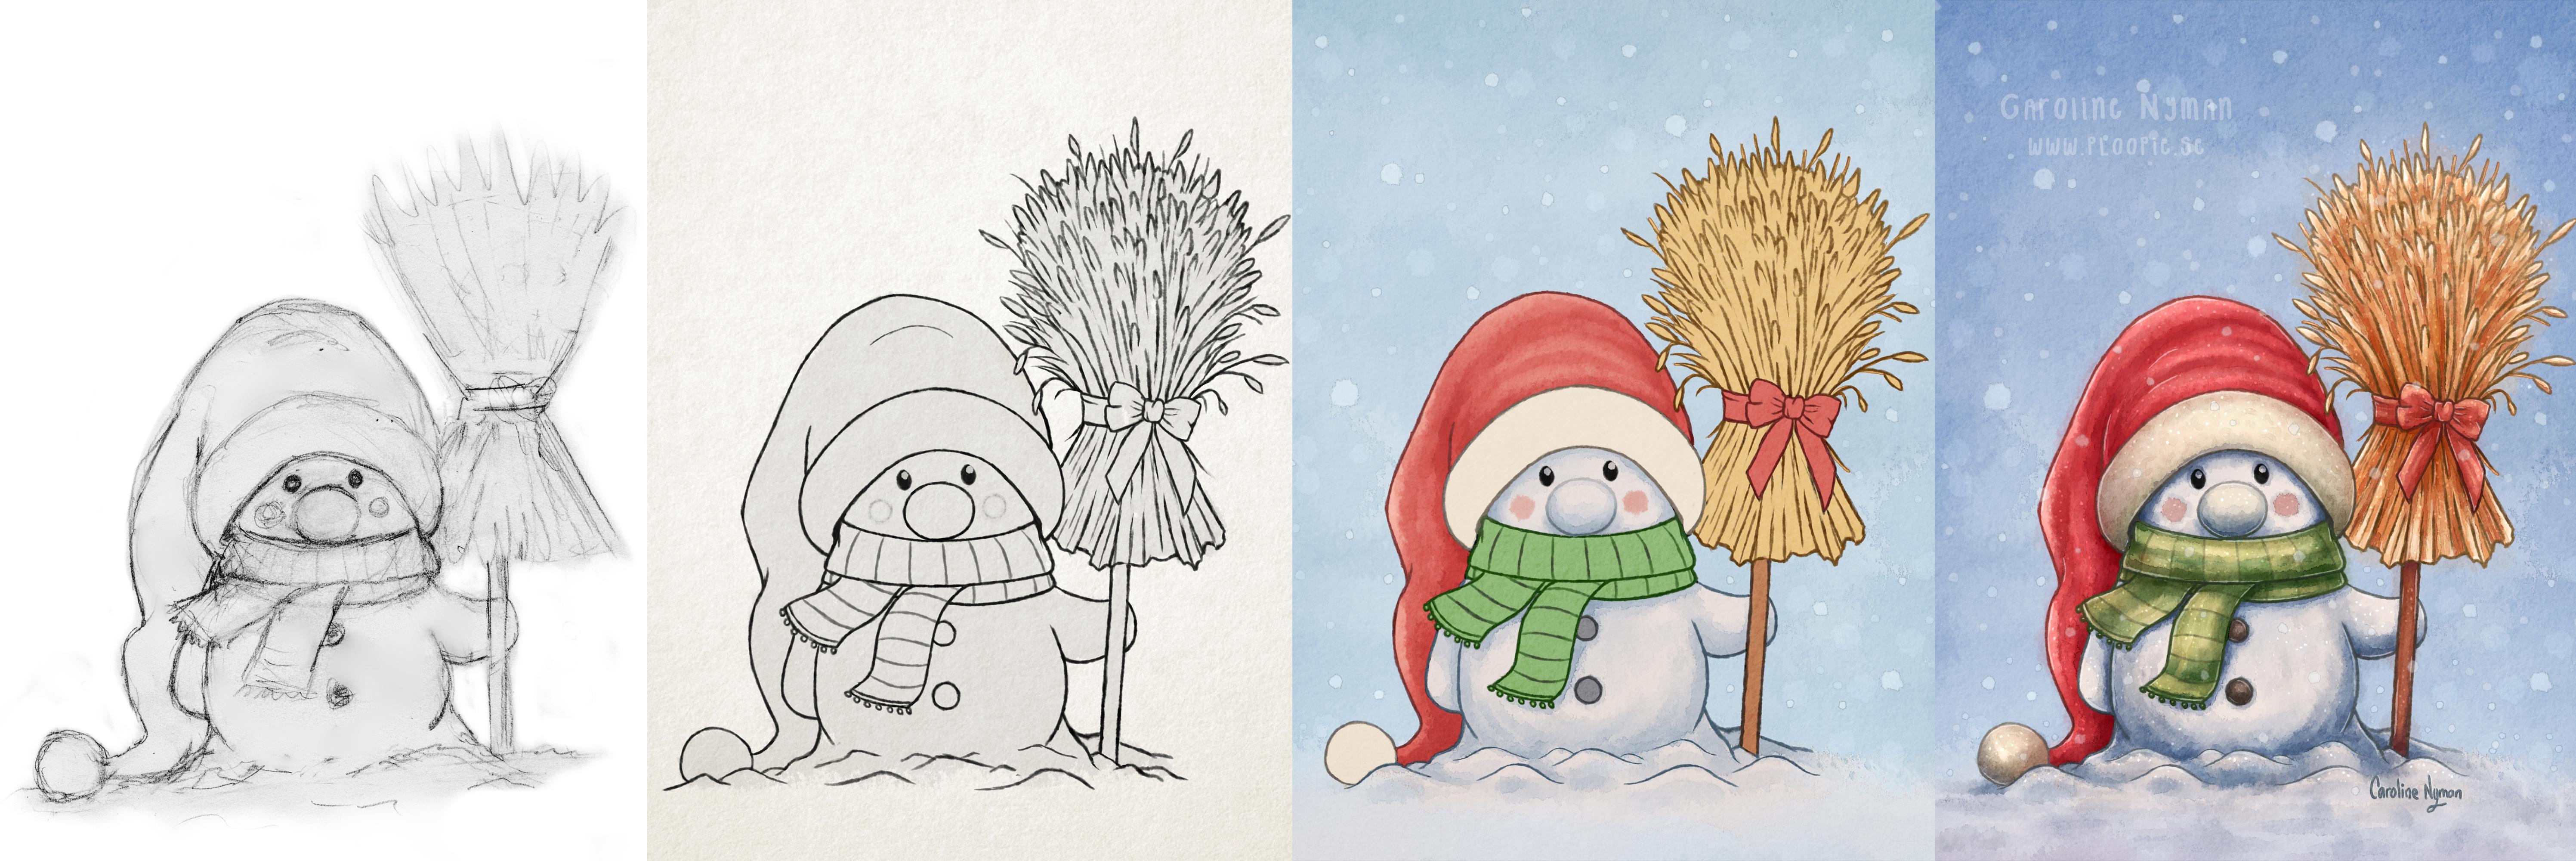 A Little Snowman process